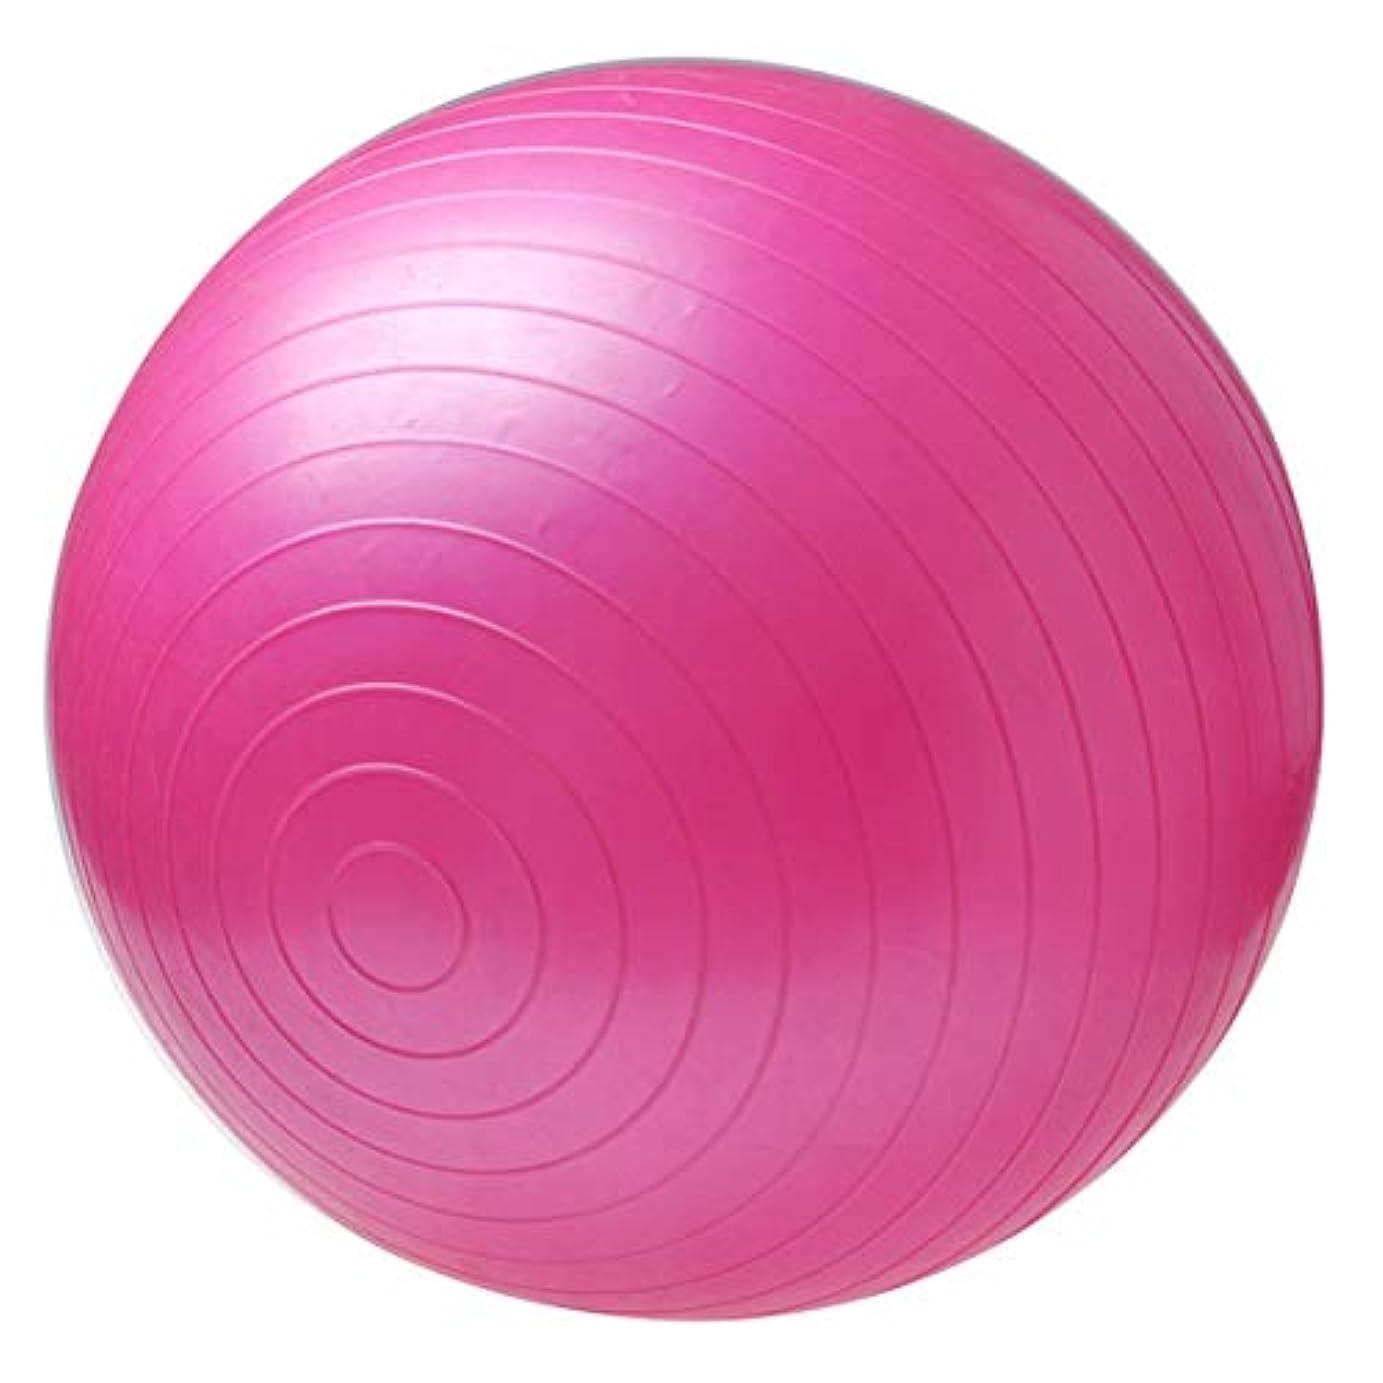 クレーン思春期マダム非毒性スポーツヨガボールボラピラティスフィットネスジムバランスフィットボールエクササイズピラティスワークアウトマッサージボール - ピンク75センチ